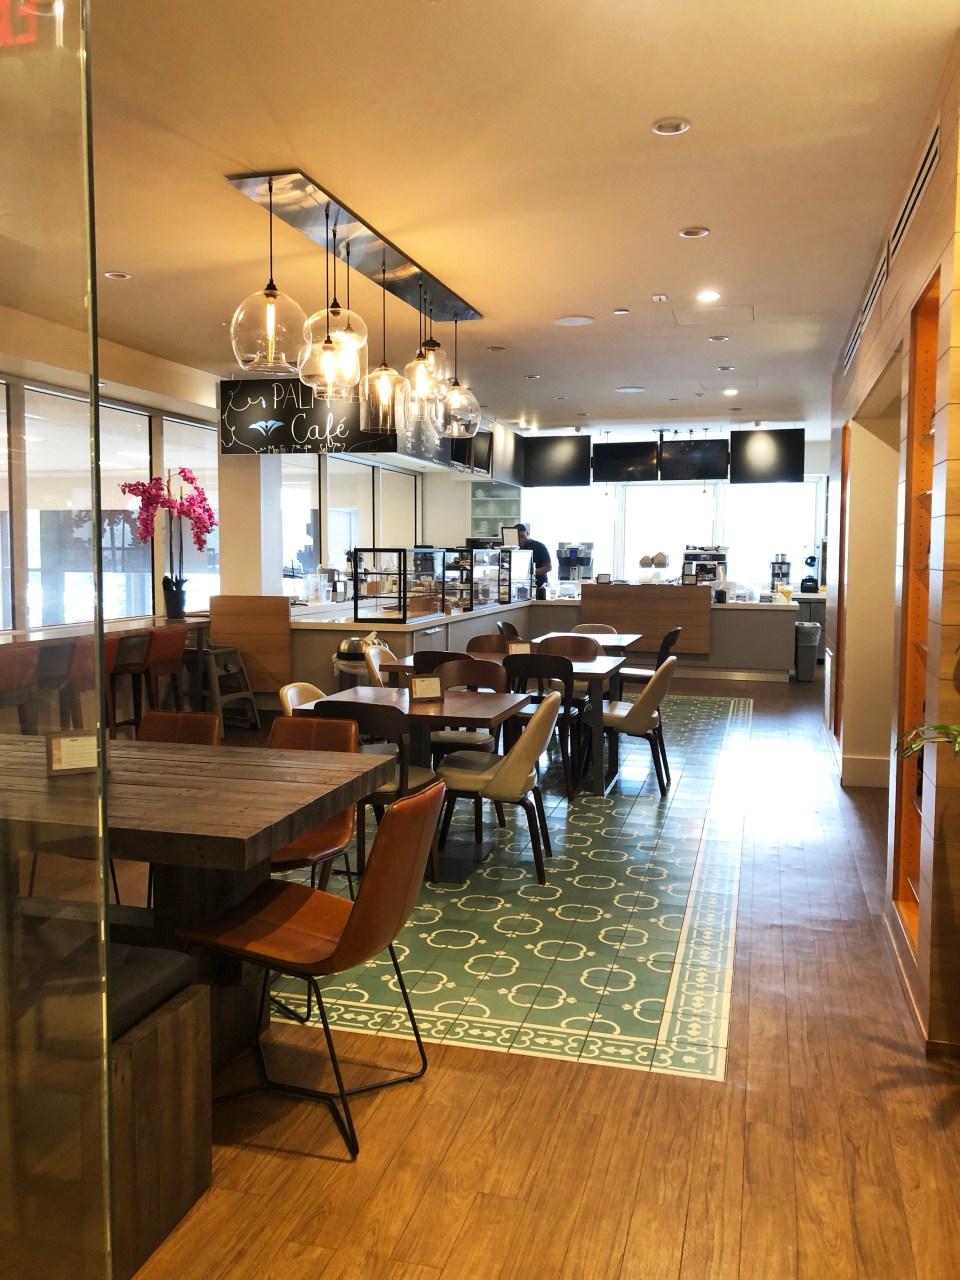 PALM Health - Cafe